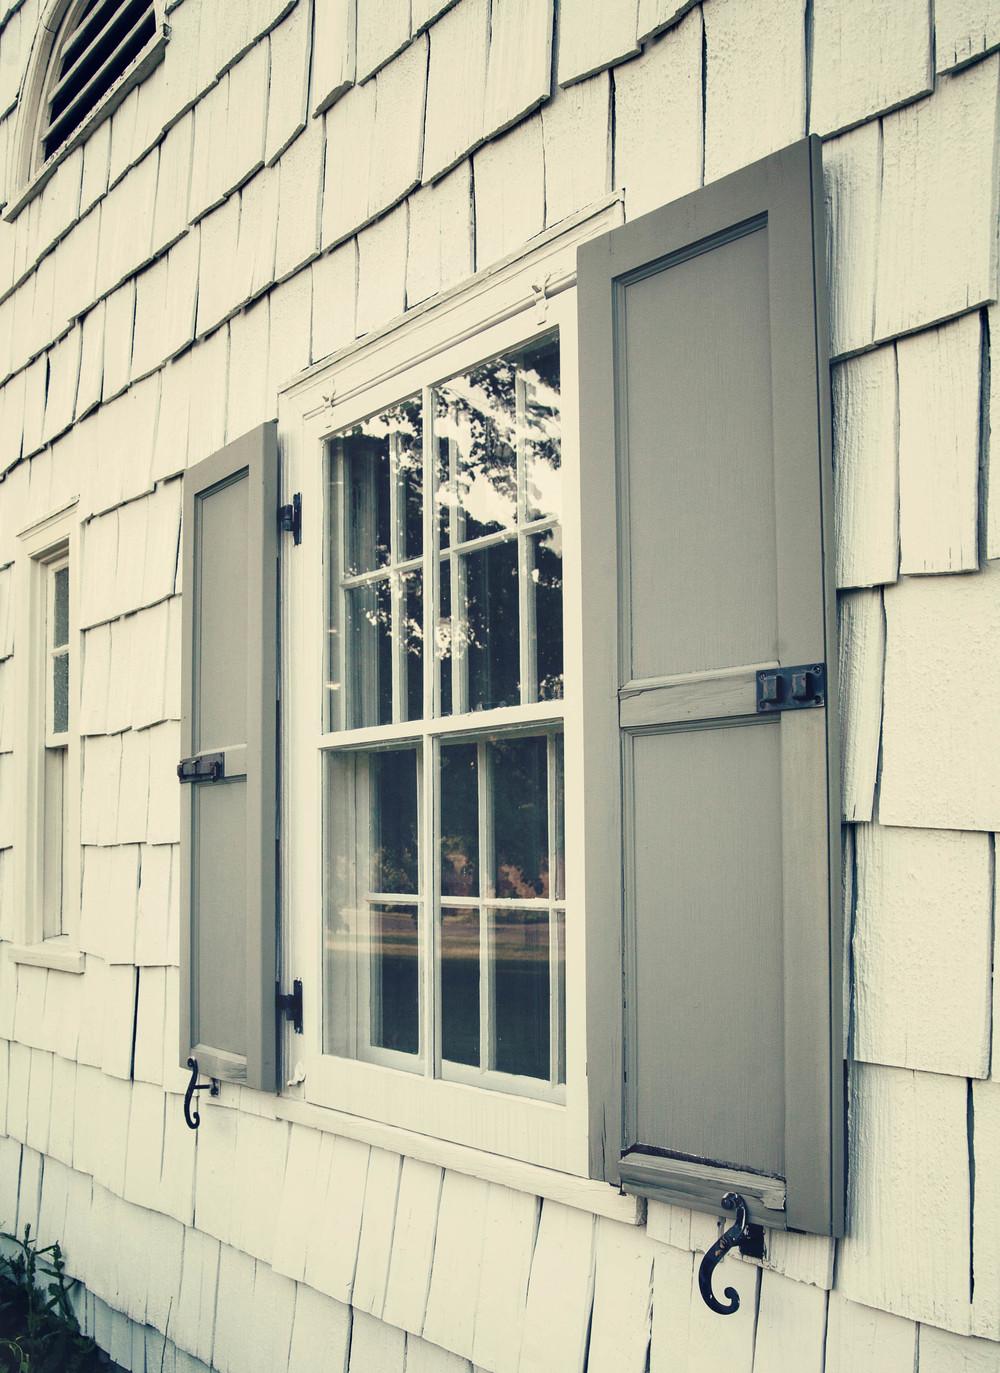 caumsett-window-vintage-2-web.jpg